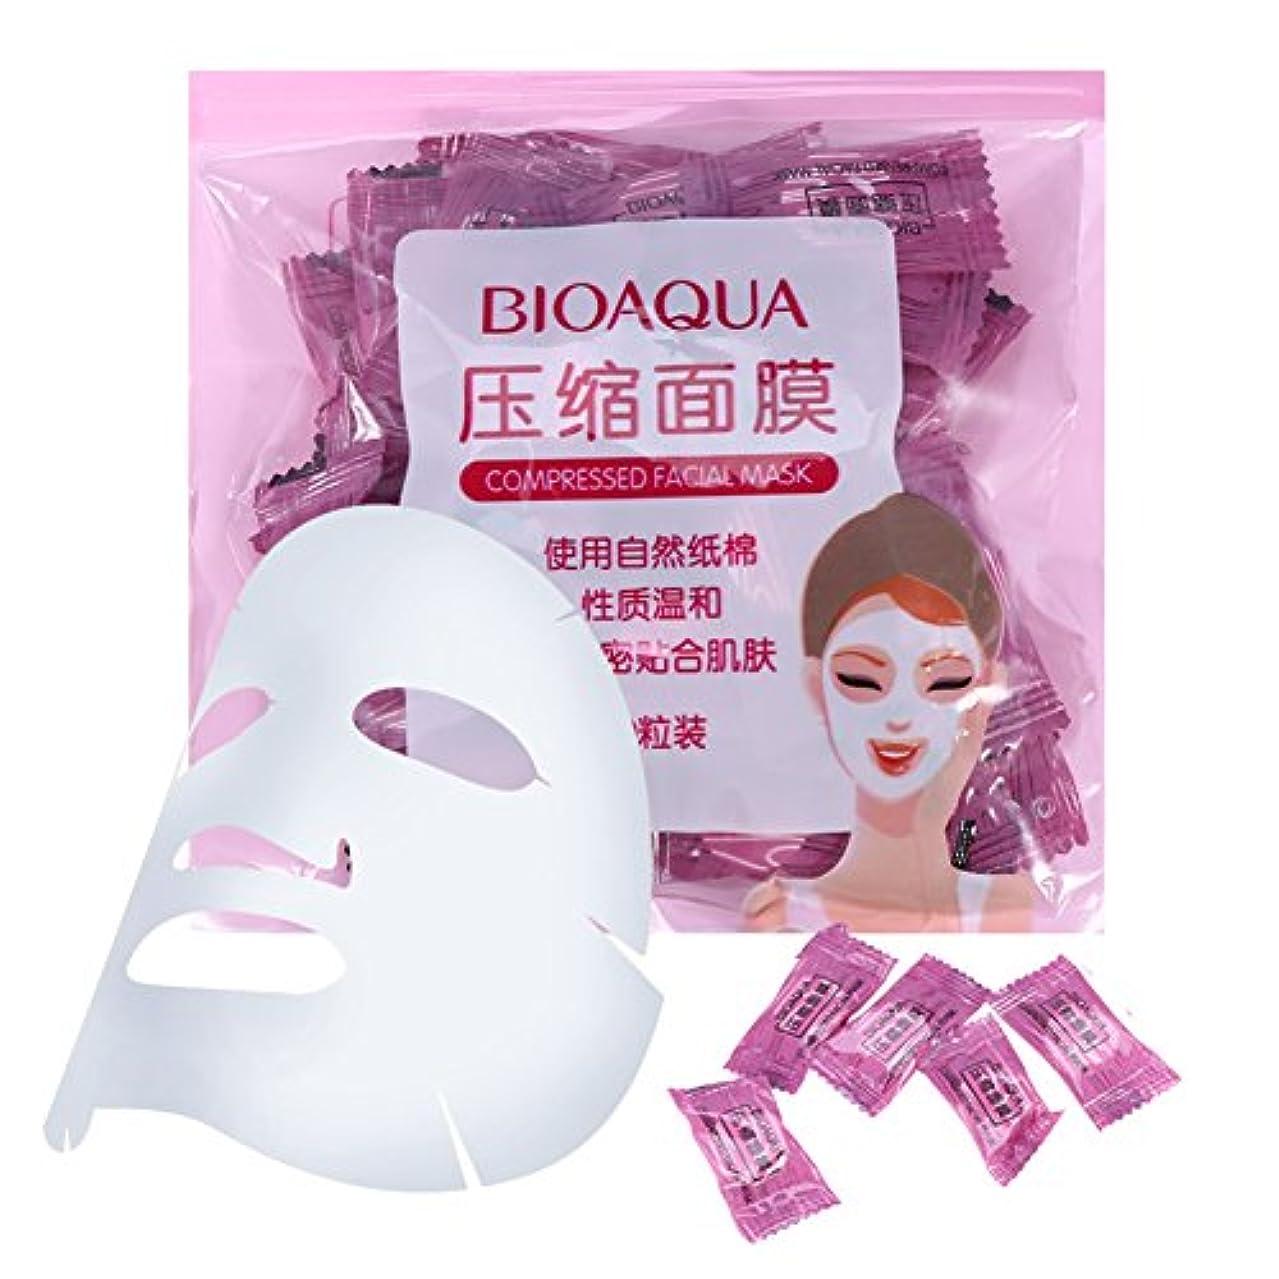 容疑者寄付関連するスキンケア 50個/パックナチュラル 不織布 圧縮 フェイスマスク DIYフェイシャルマスク